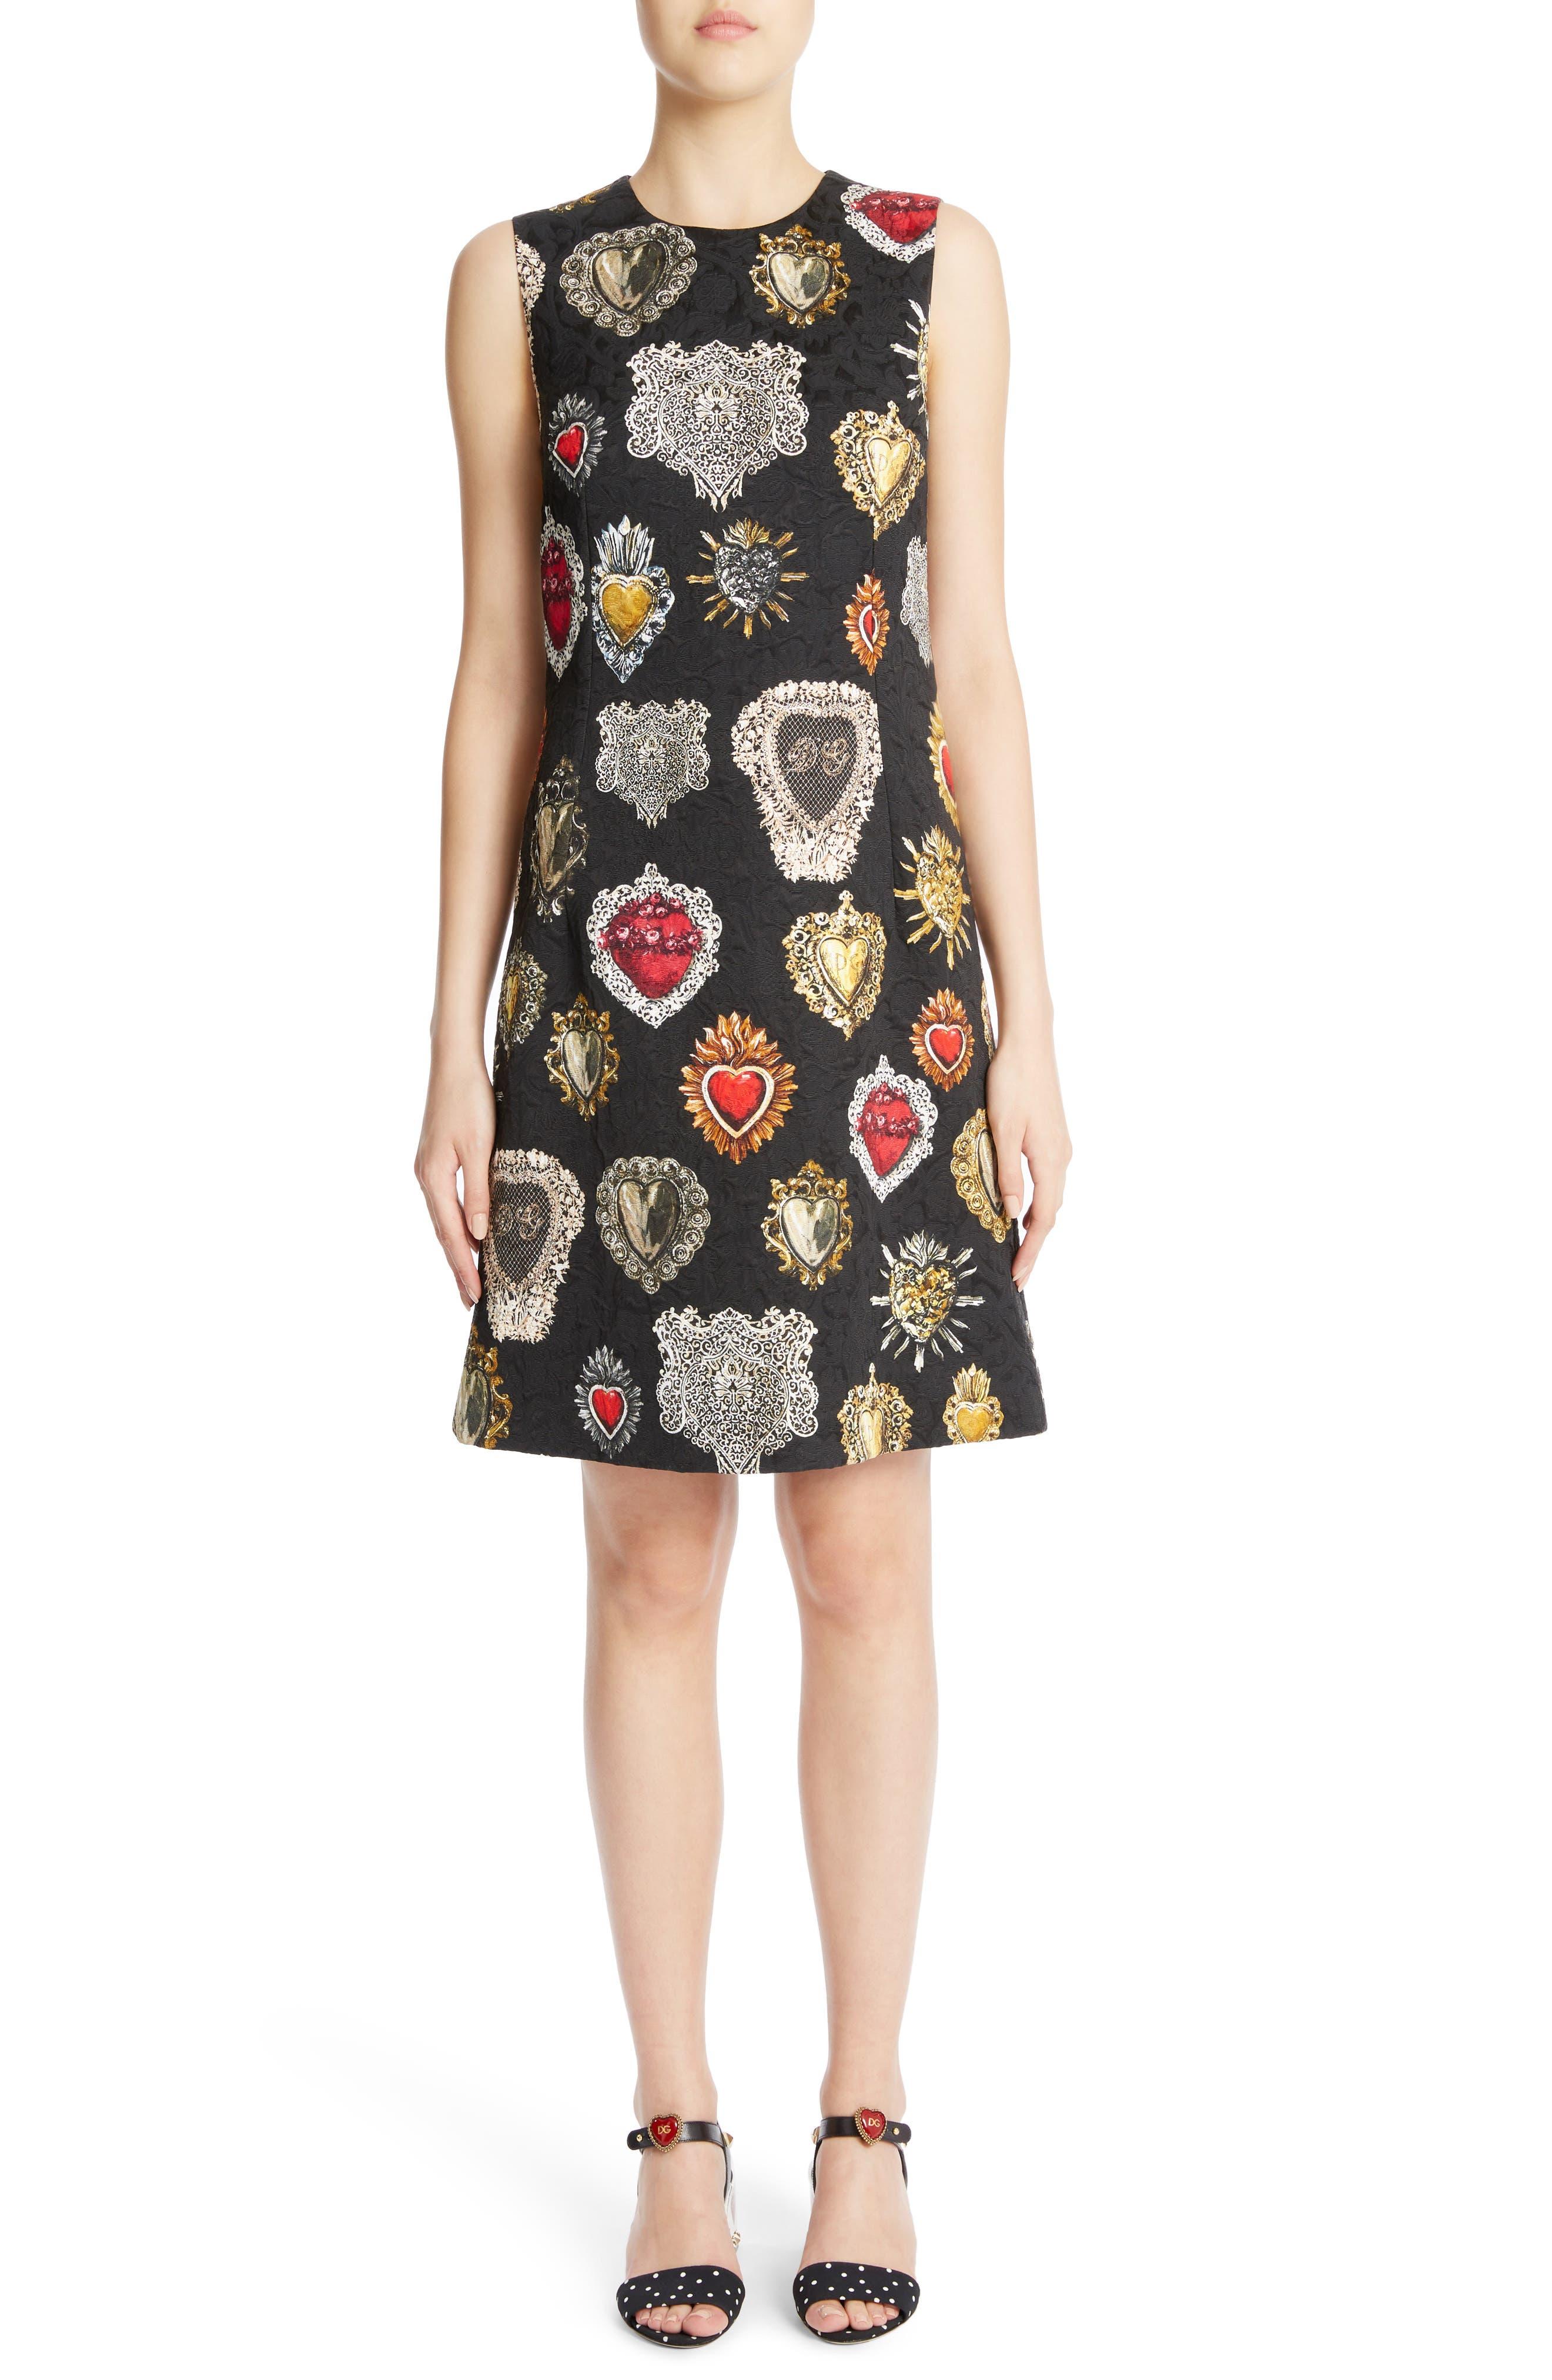 Dolce&Gabbana Sacred Heart Brocade Jacquard Dress